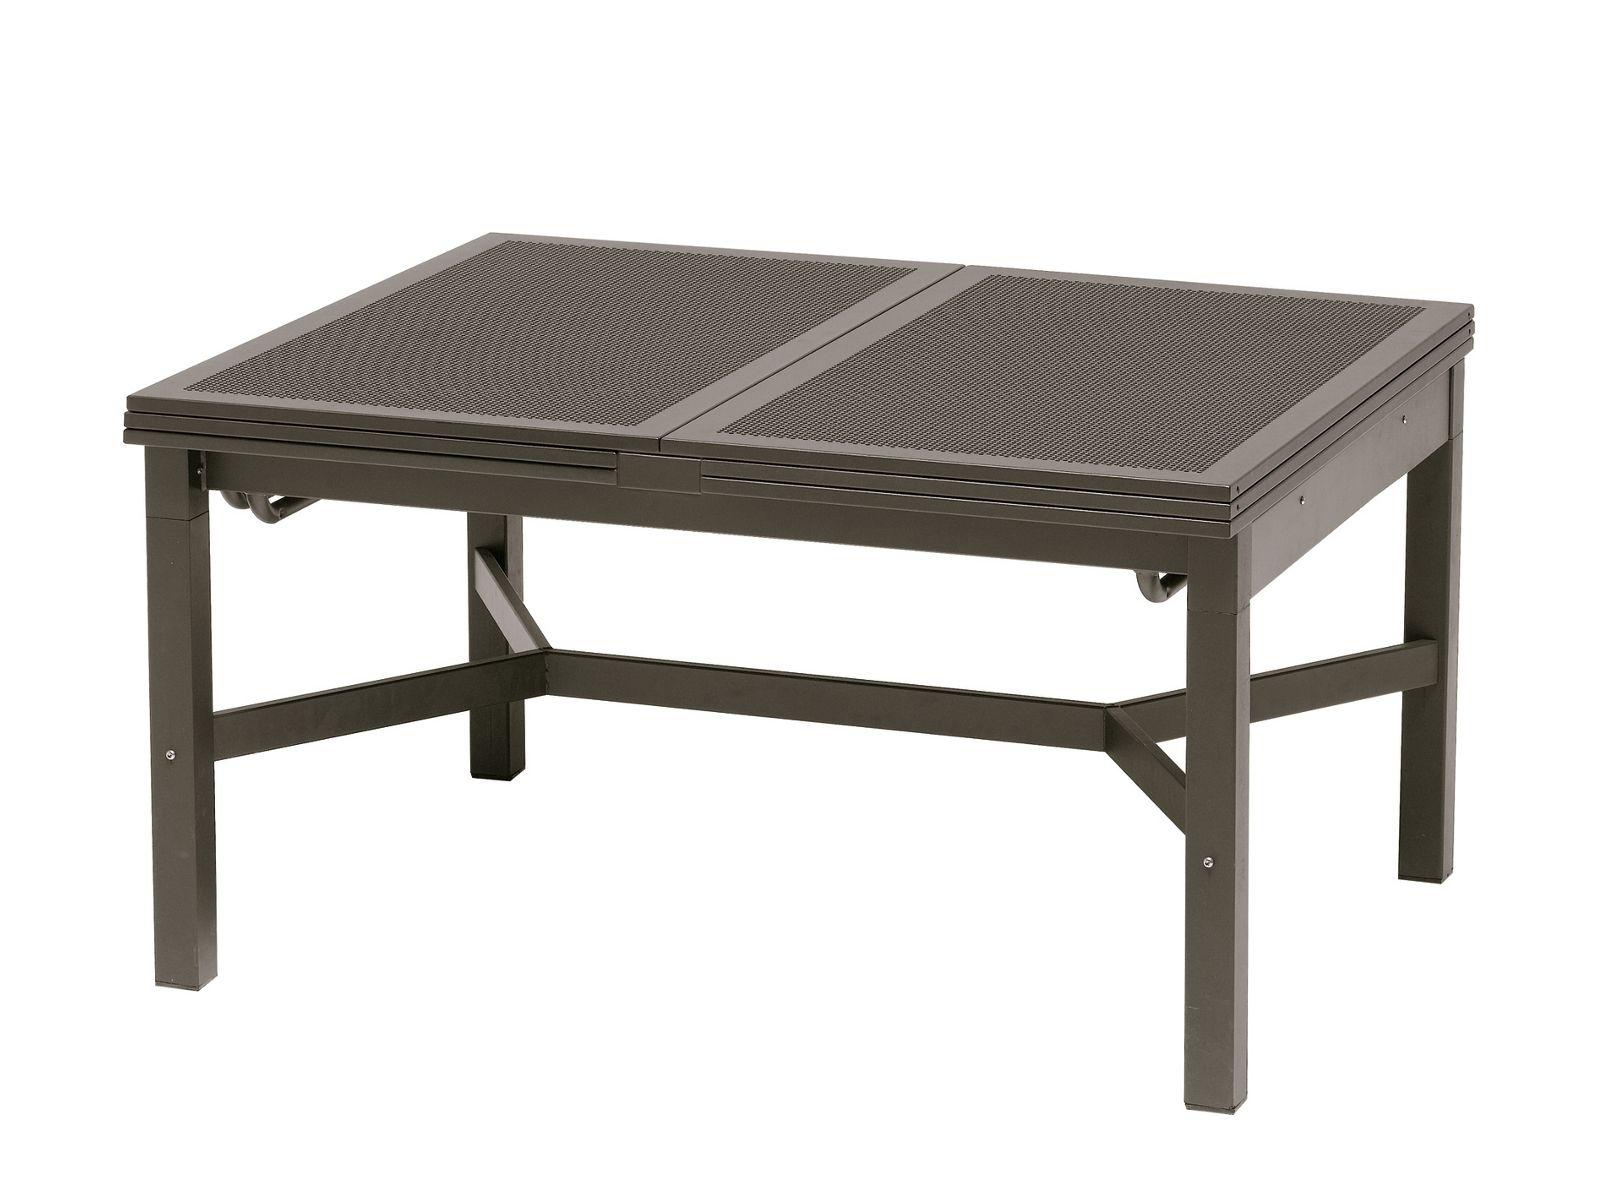 ausziehbarer tisch aus stahl mito ausziehbarer. Black Bedroom Furniture Sets. Home Design Ideas